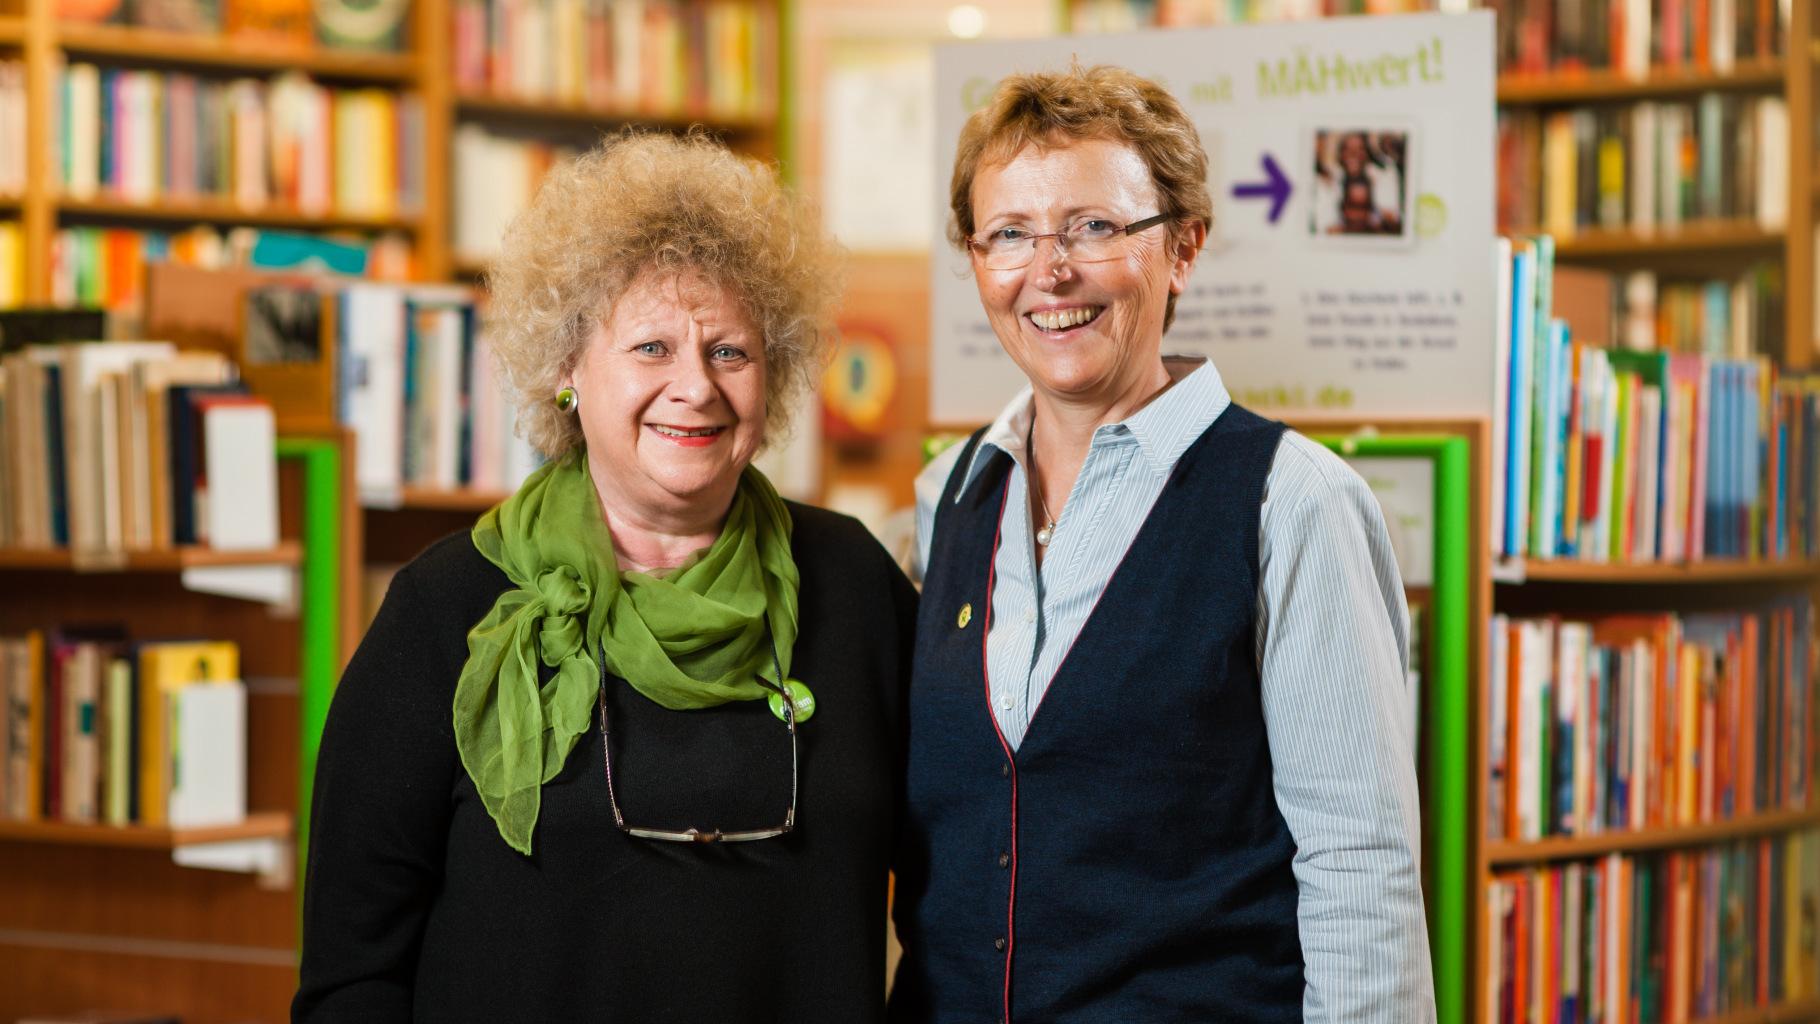 Angelica Gräfe und Brigitte Hang im Oxfam Buchshop Darmstadt